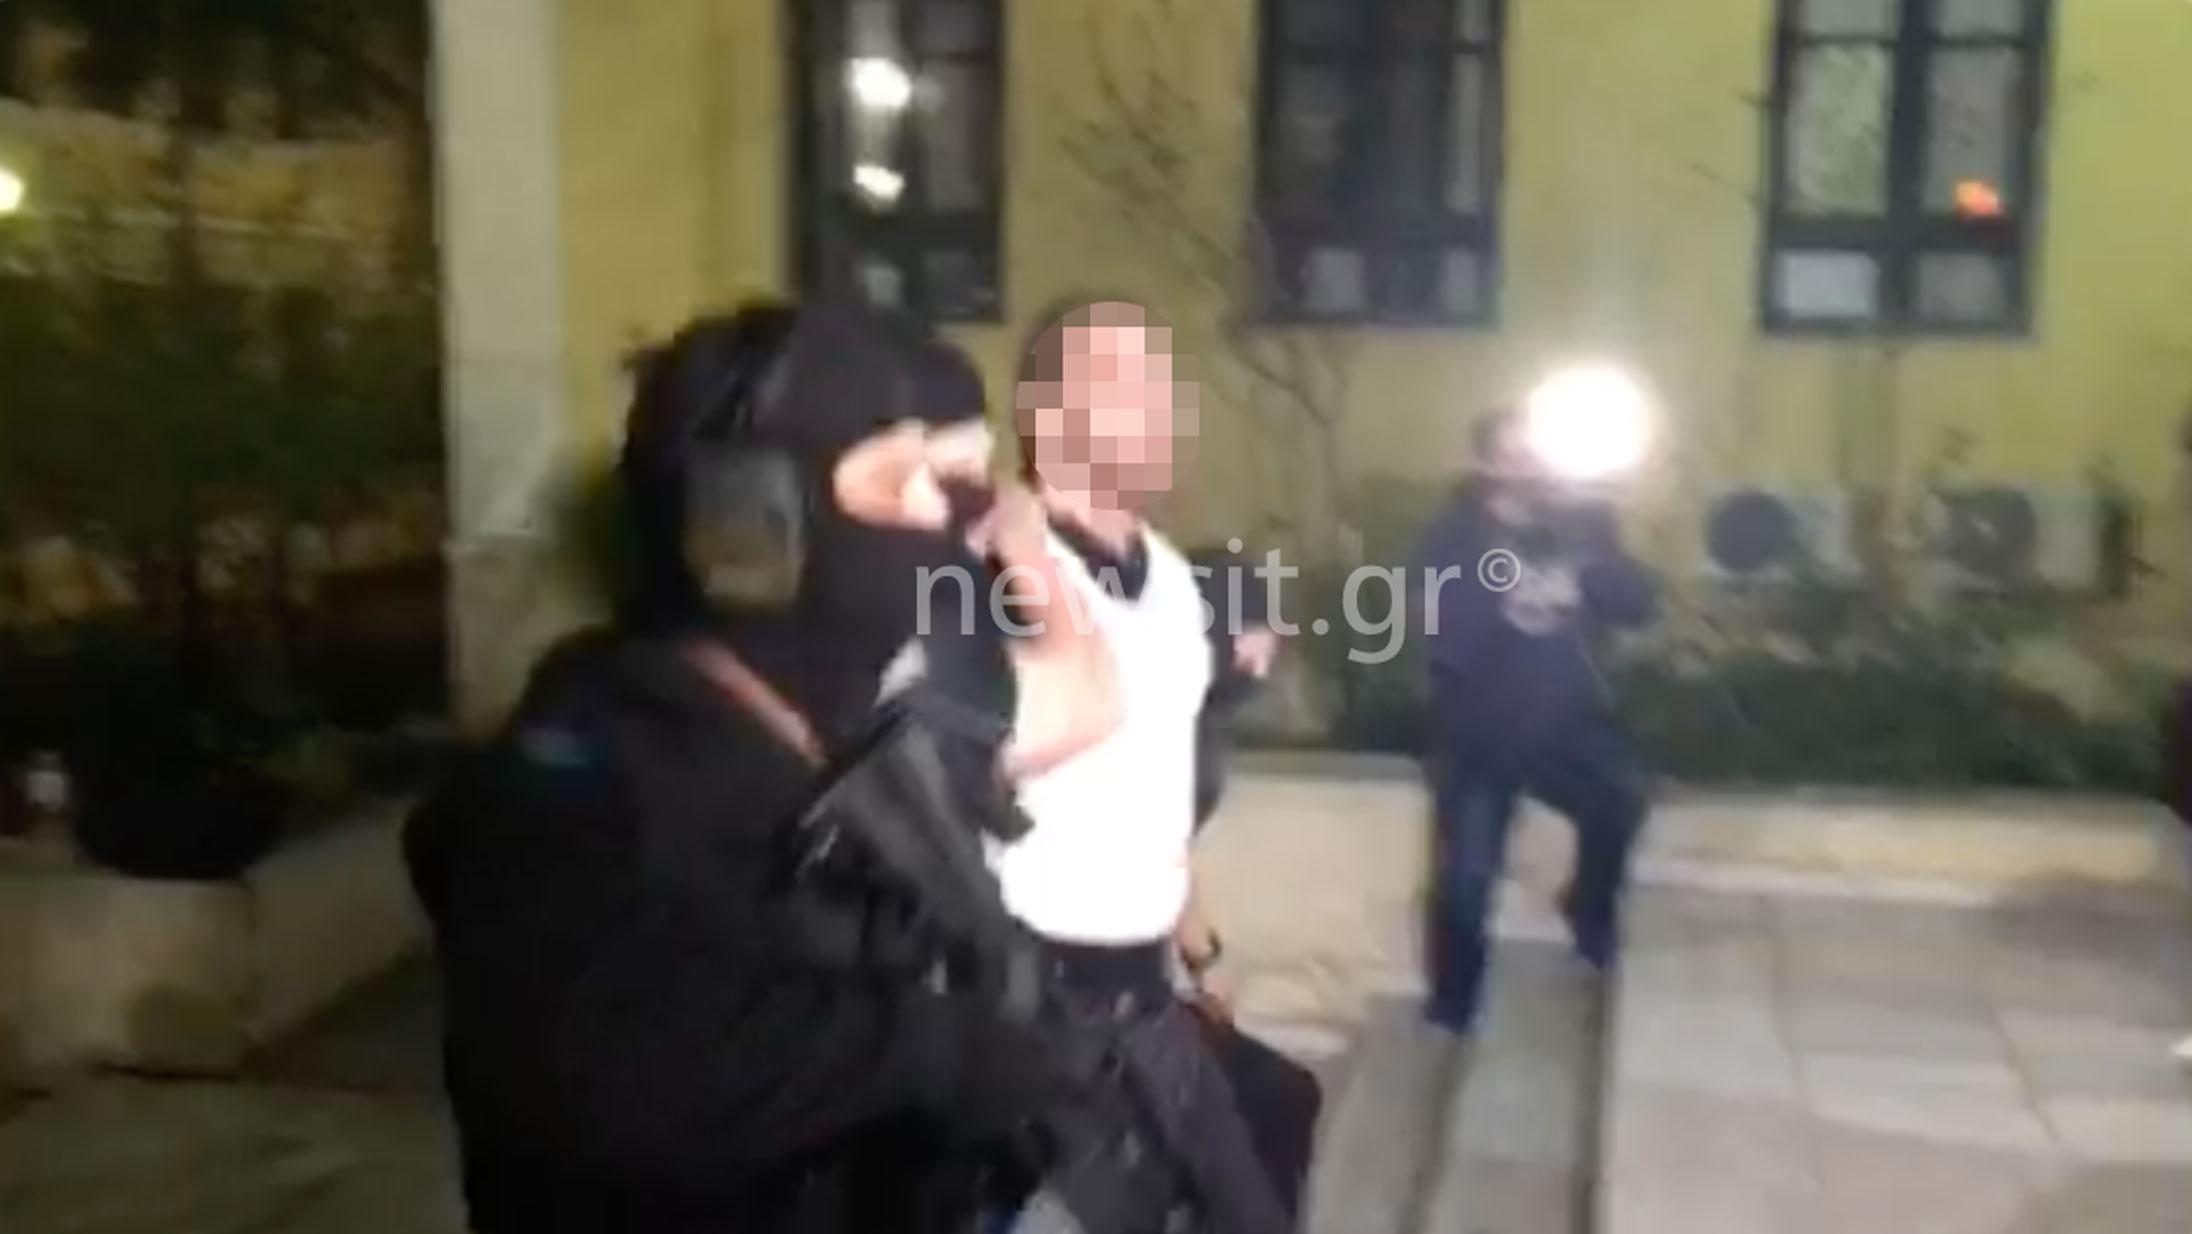 Στον εισαγγελέα με ύβρεις οι δυο συλληφθέντες για την Επαναστατική Αυτοάμυνα – Έβριζαν και κλωτσούσαν – Πως έφτασε στα ίχνη τους η Αντιτρομοκρατική